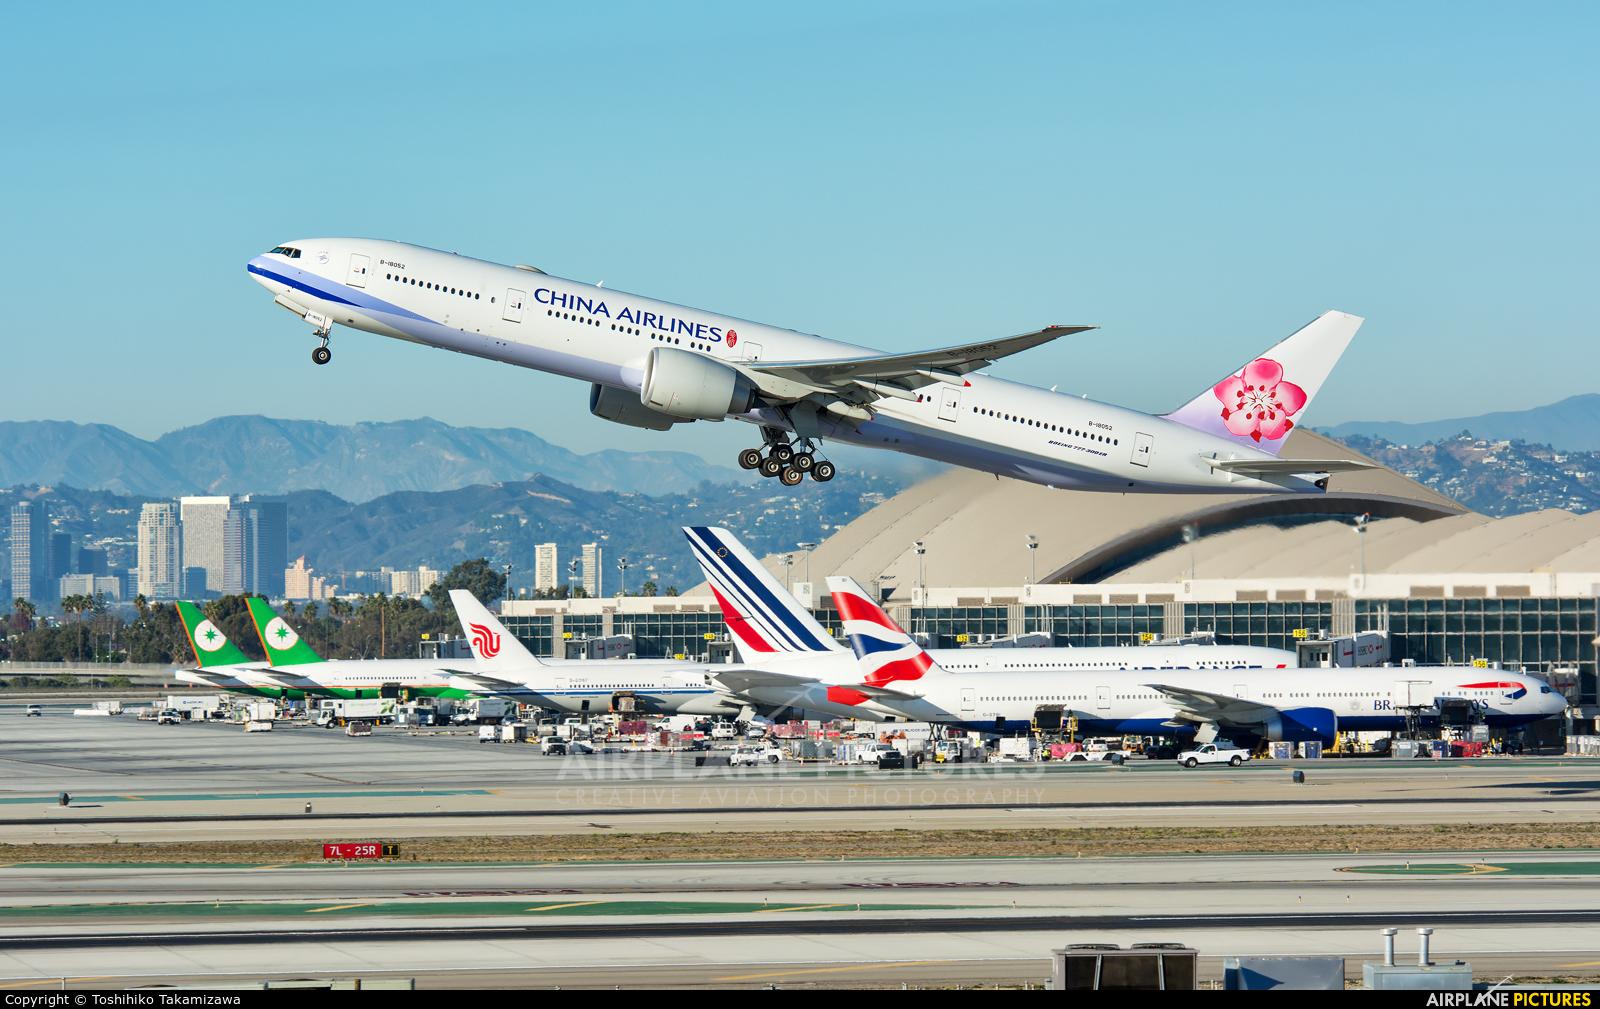 China Airlines B-18052 aircraft at Los Angeles Intl